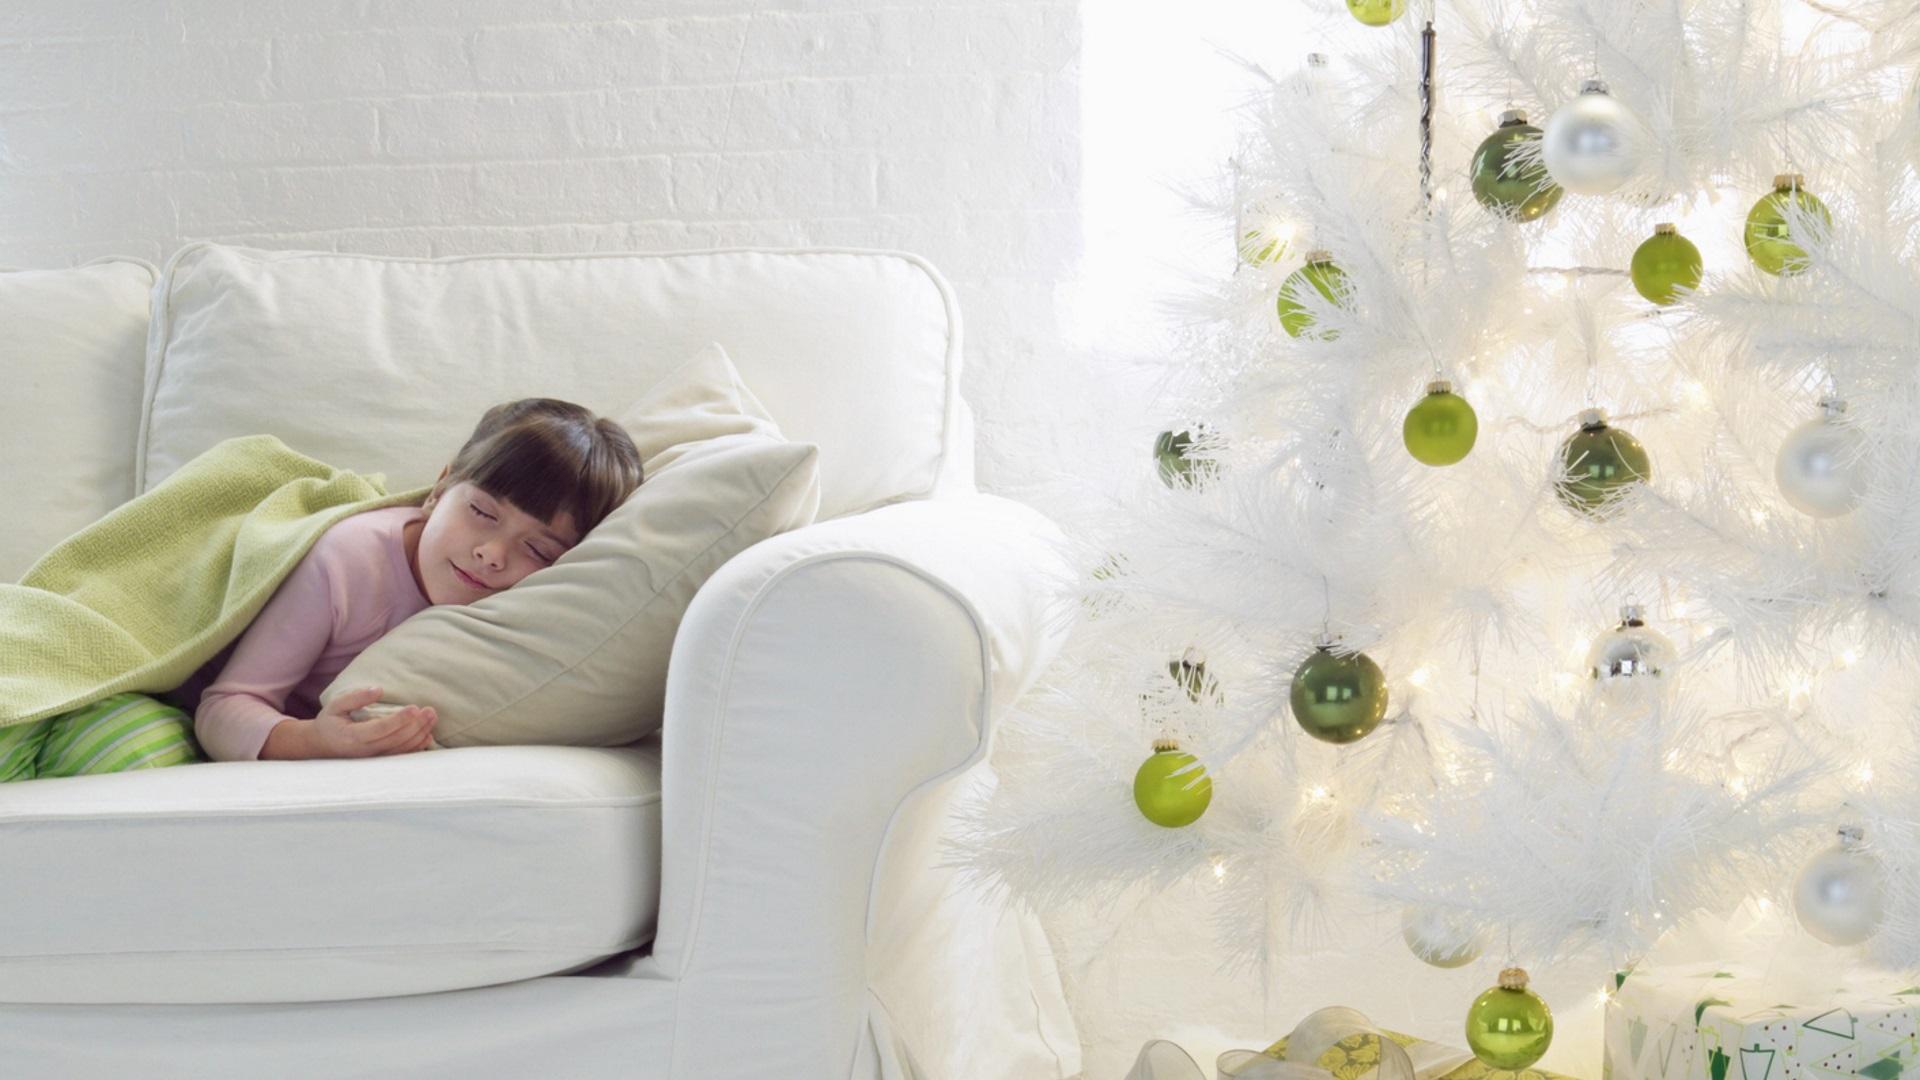 Бели коледни елхи - 6 красиви идеи за декорация (СНИМКИ)